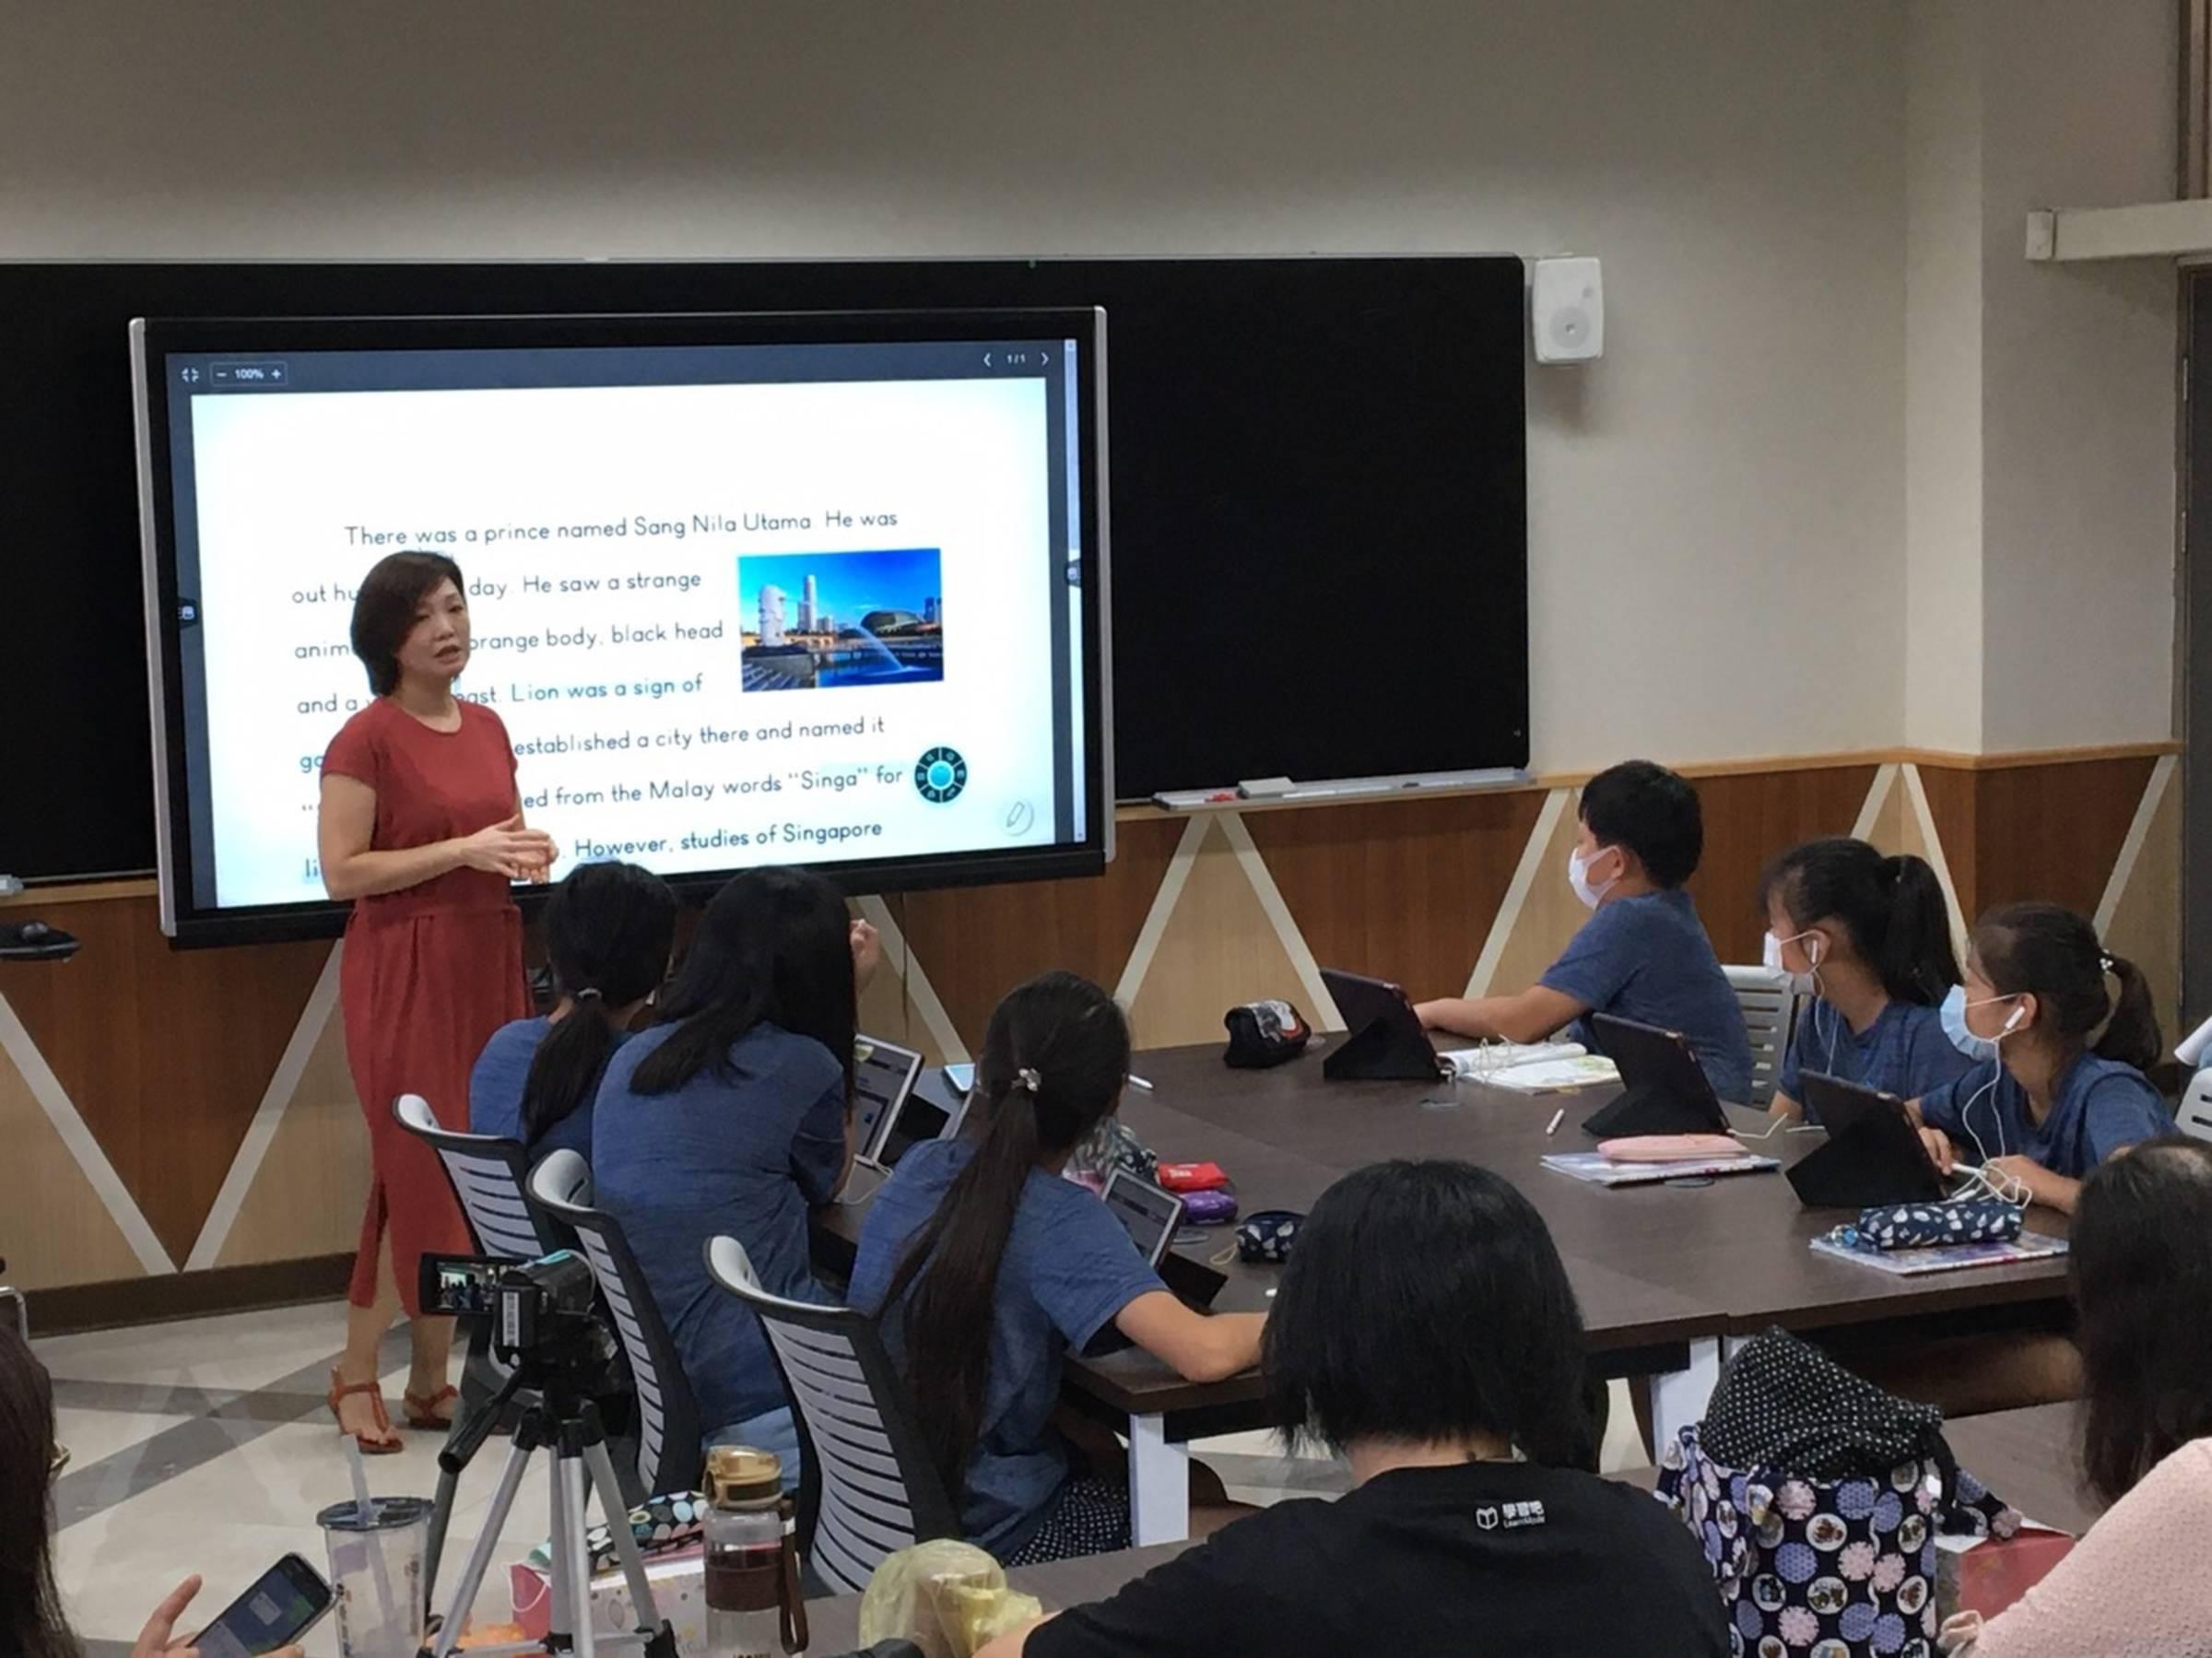 新店國小劉儒蓁老師運用Learn Mode學習吧平台進行六年級英語教學。